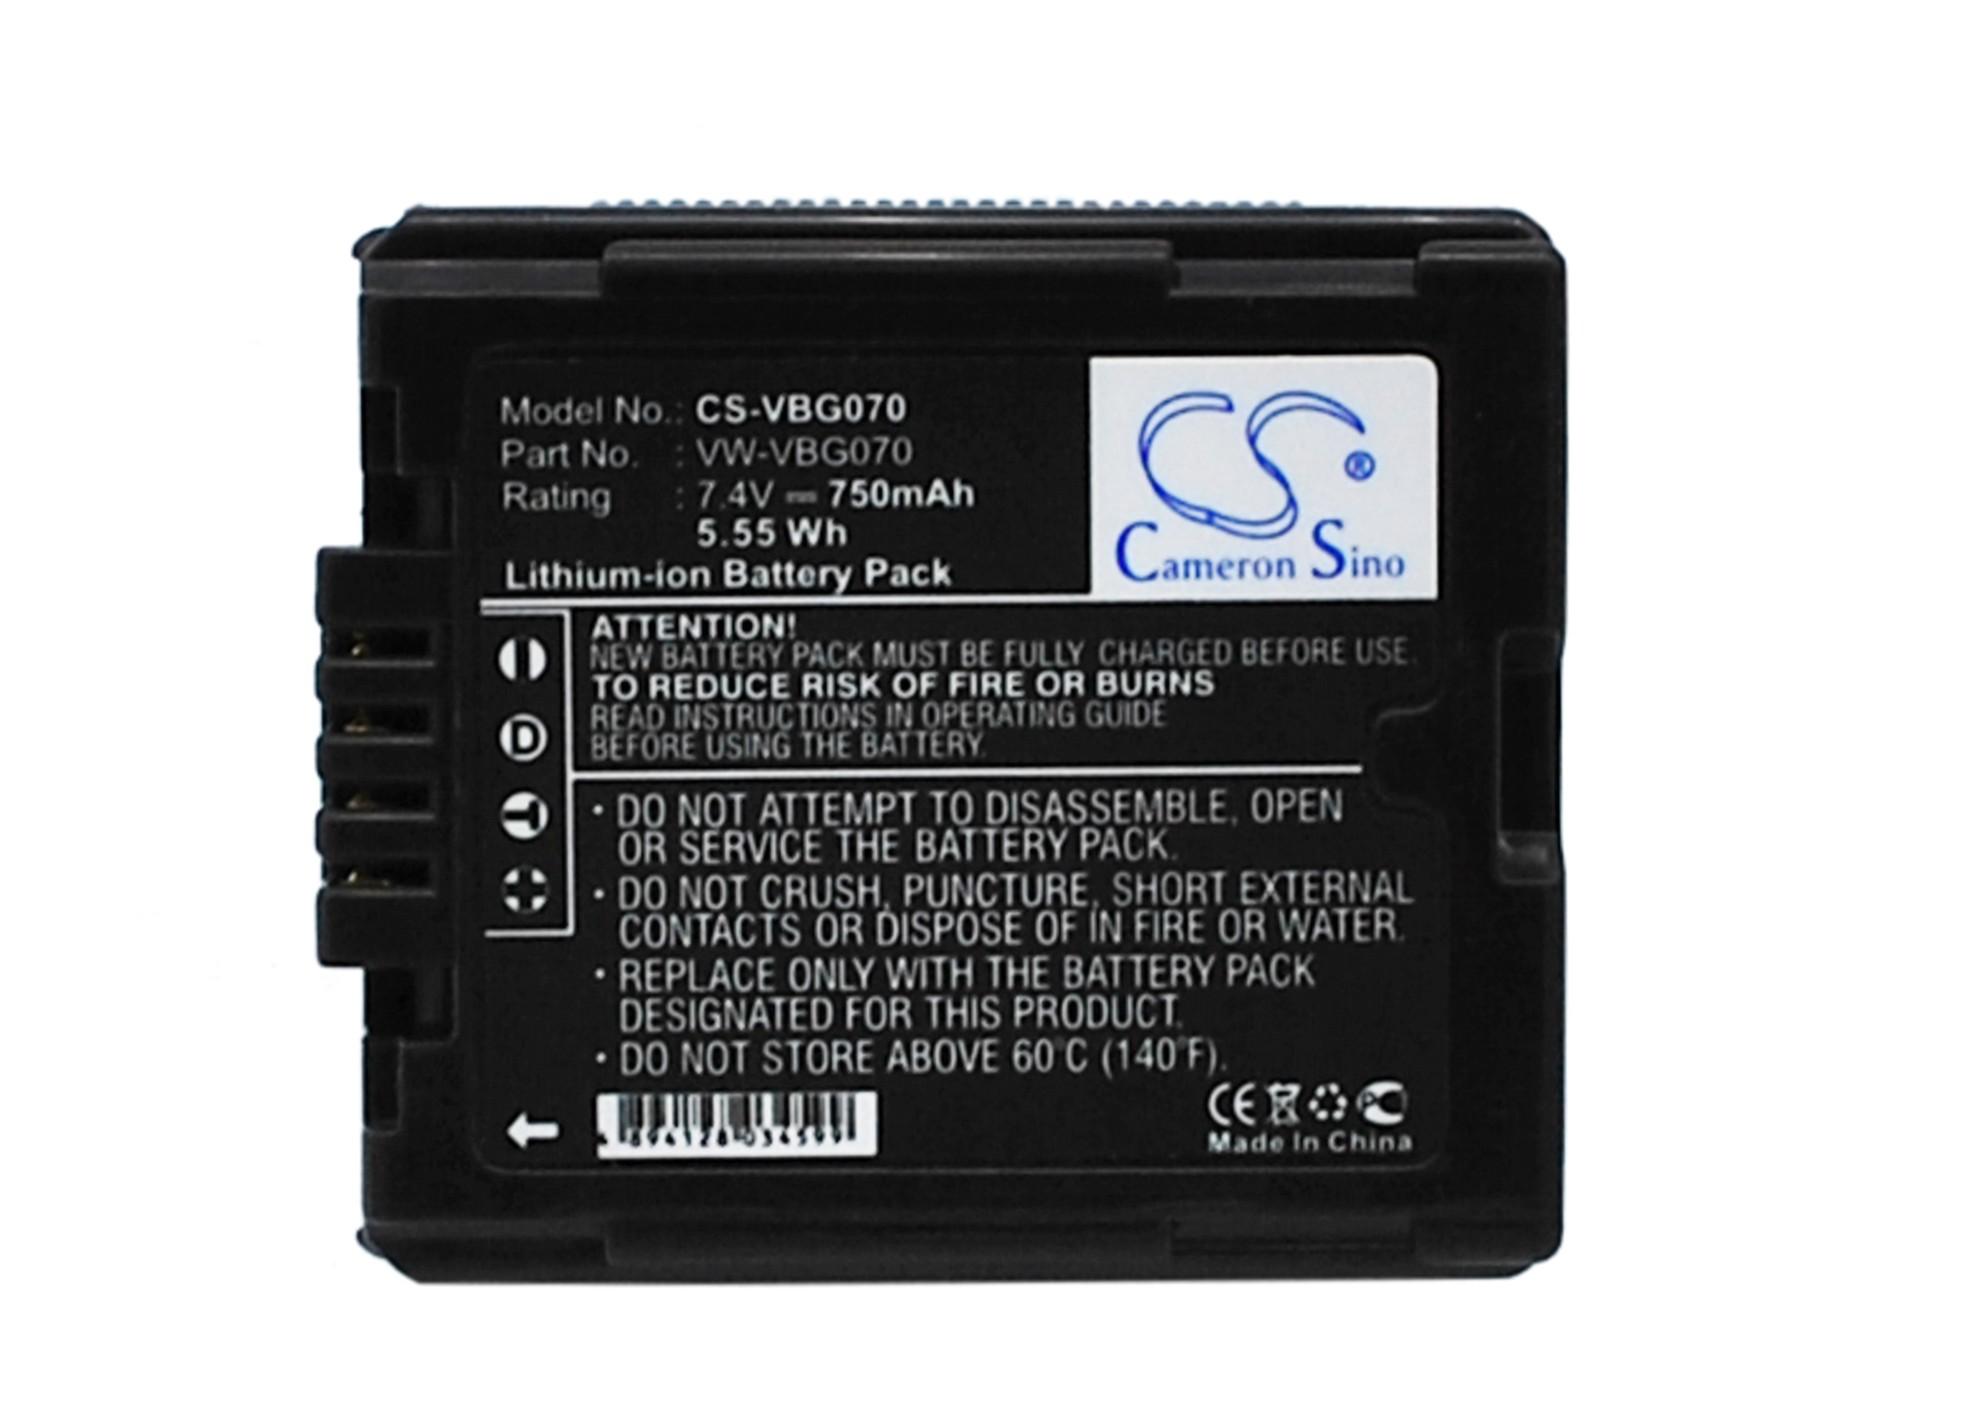 Cameron Sino baterie do kamer a fotoaparátů pro PANASONIC HDC-HS100 7.4V Li-ion 750mAh černá - neoriginální